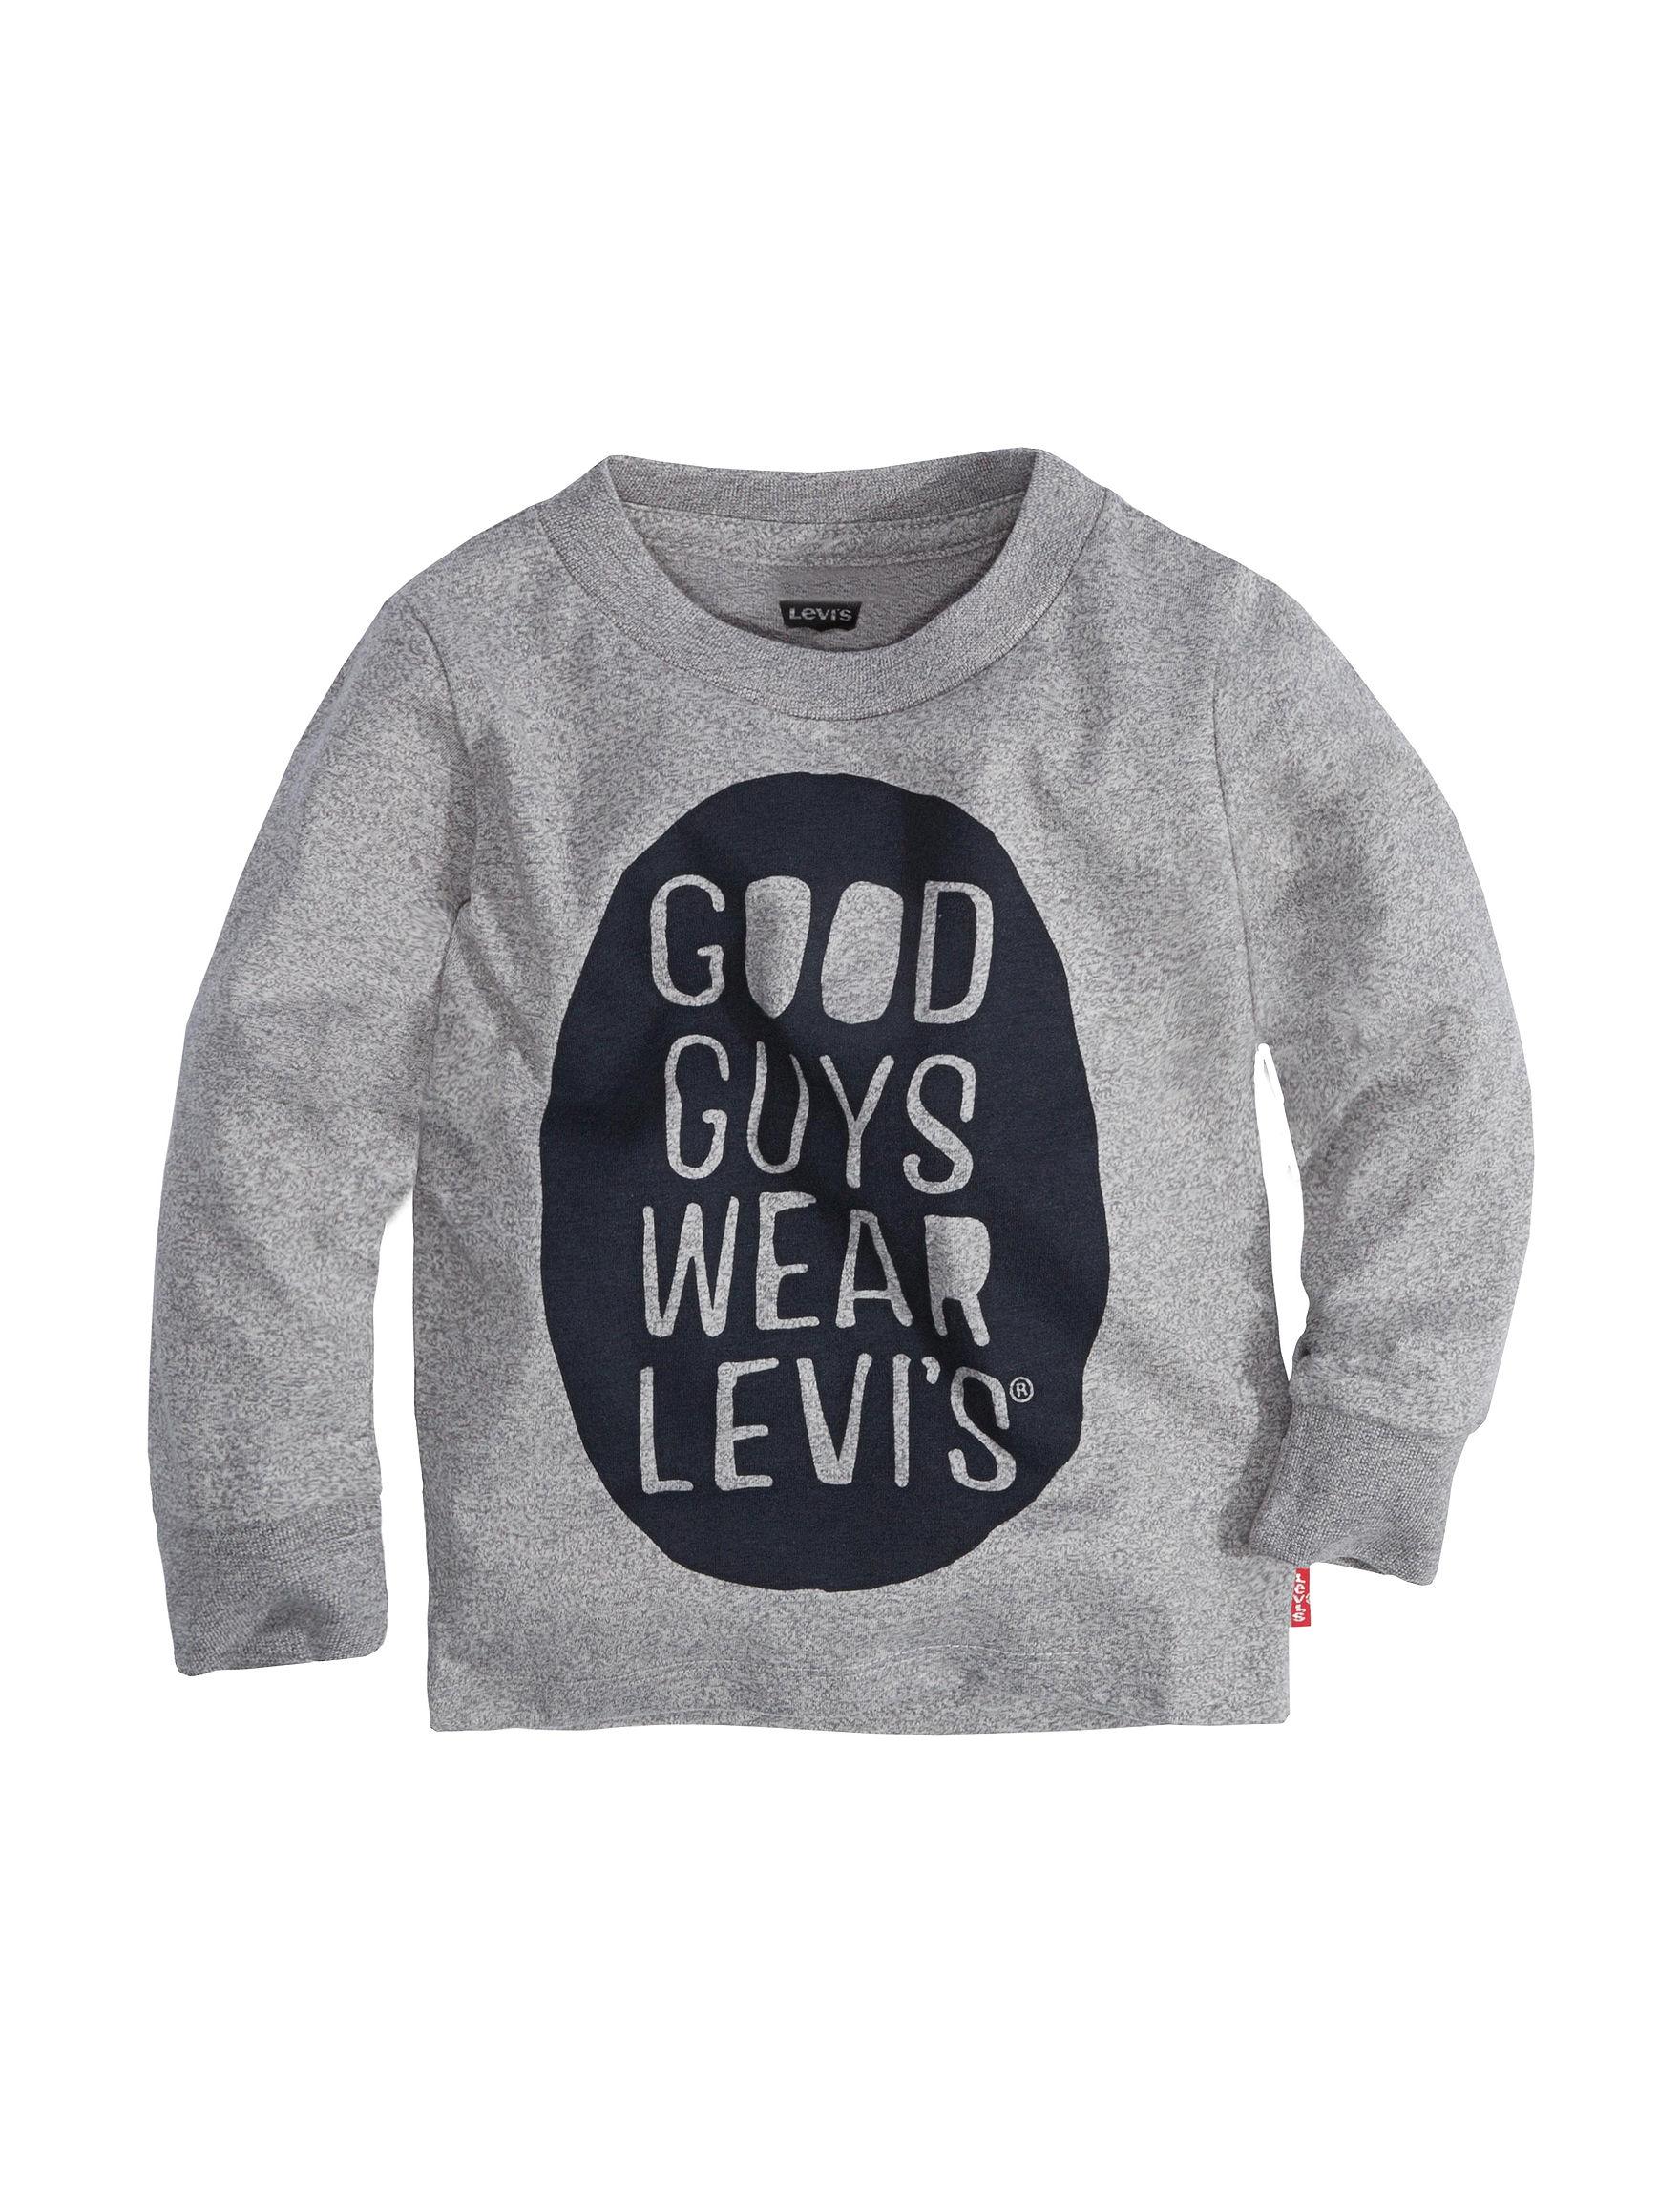 Levi's Grey